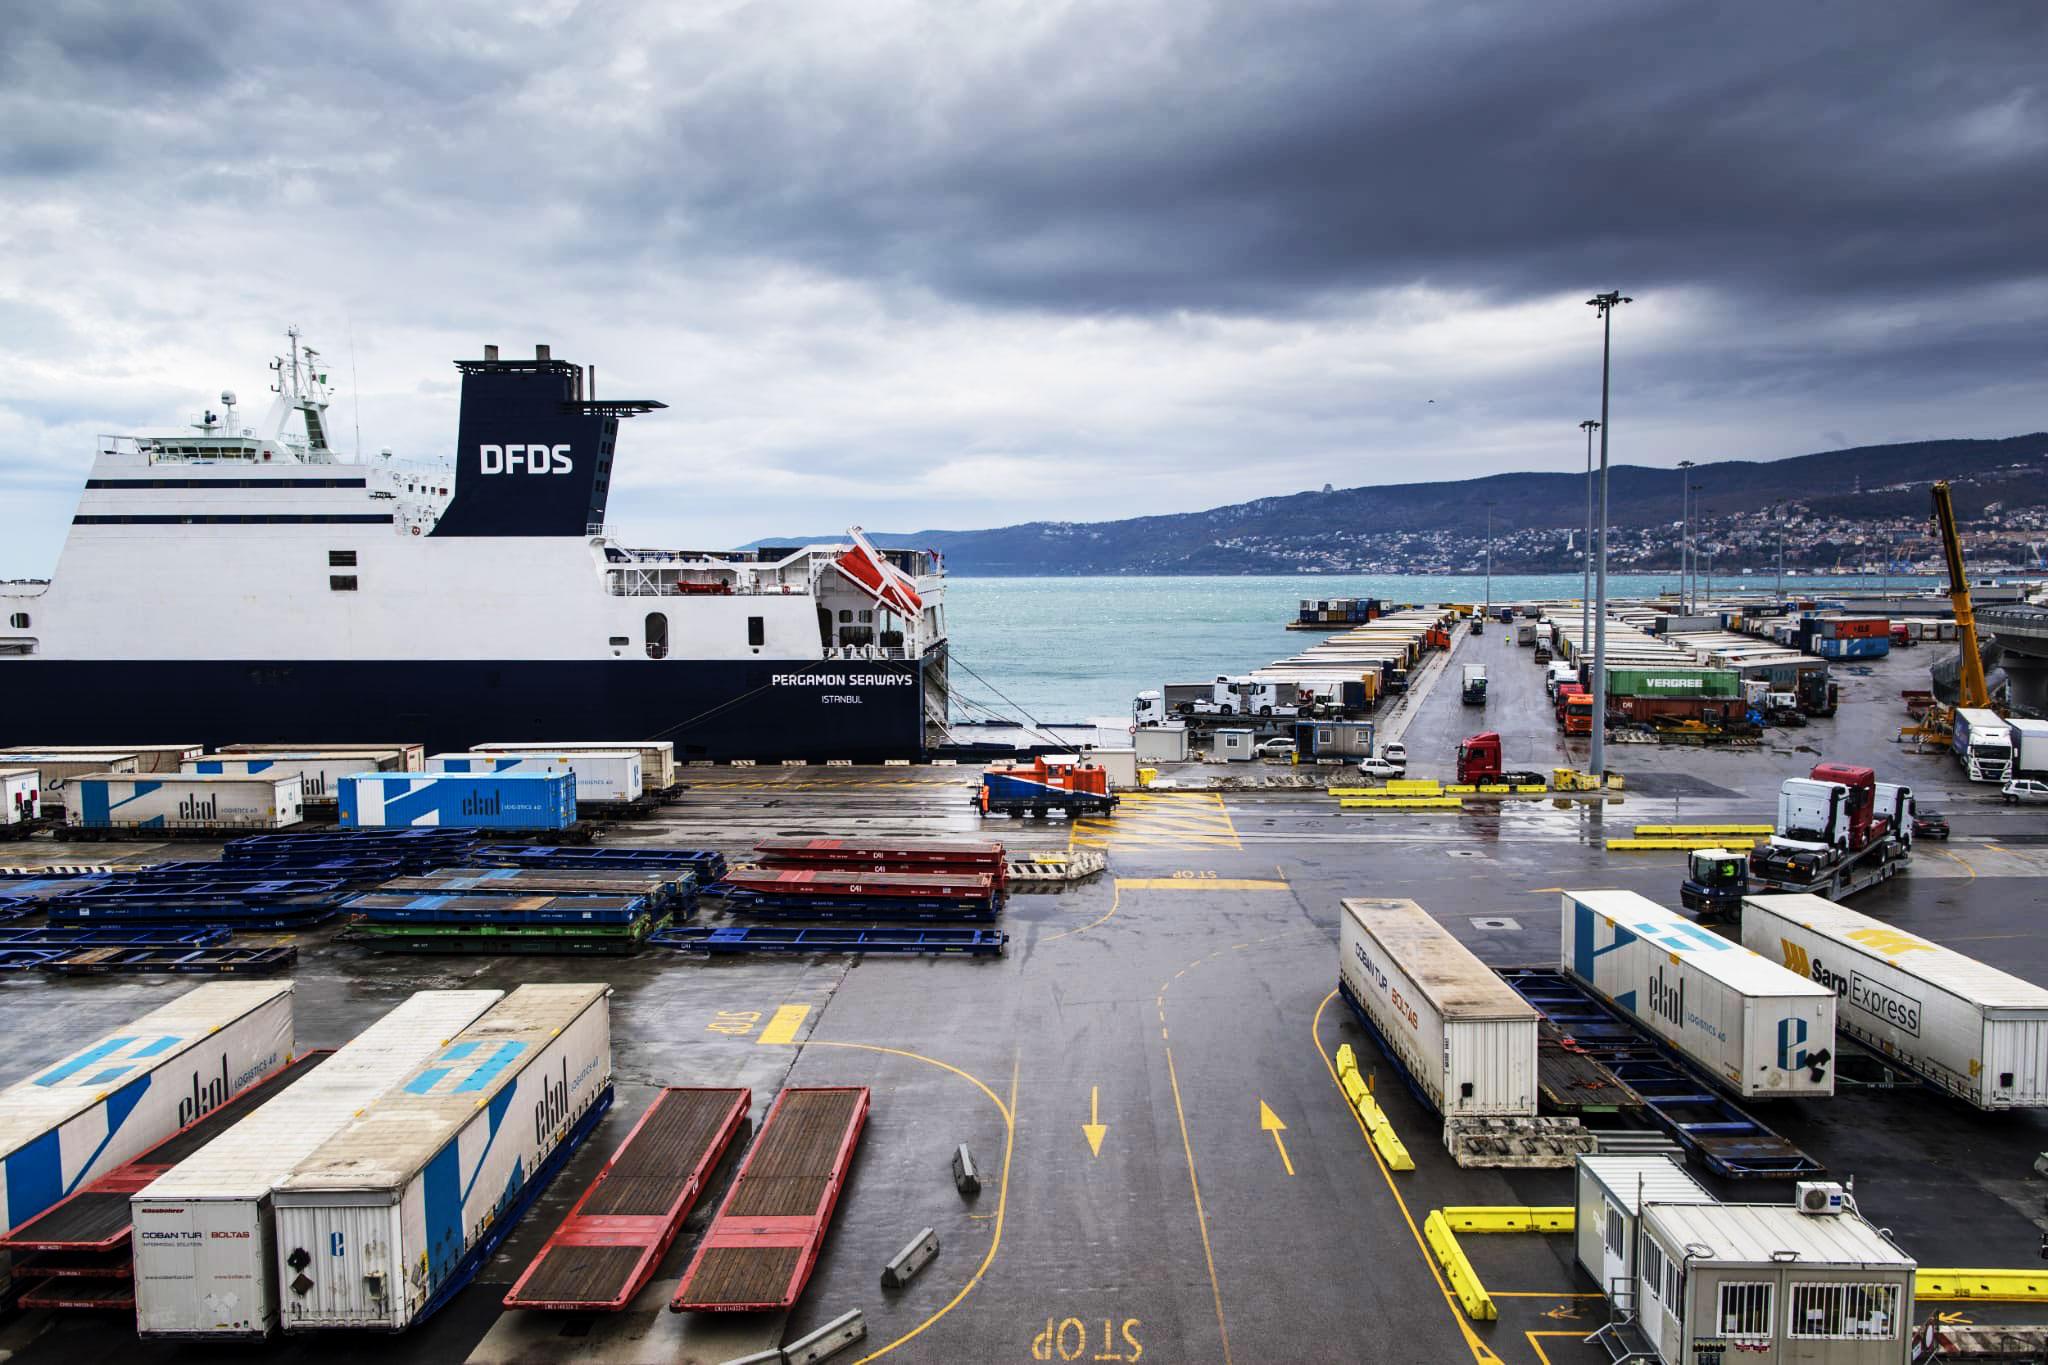 Porto di Trieste - Molo VII